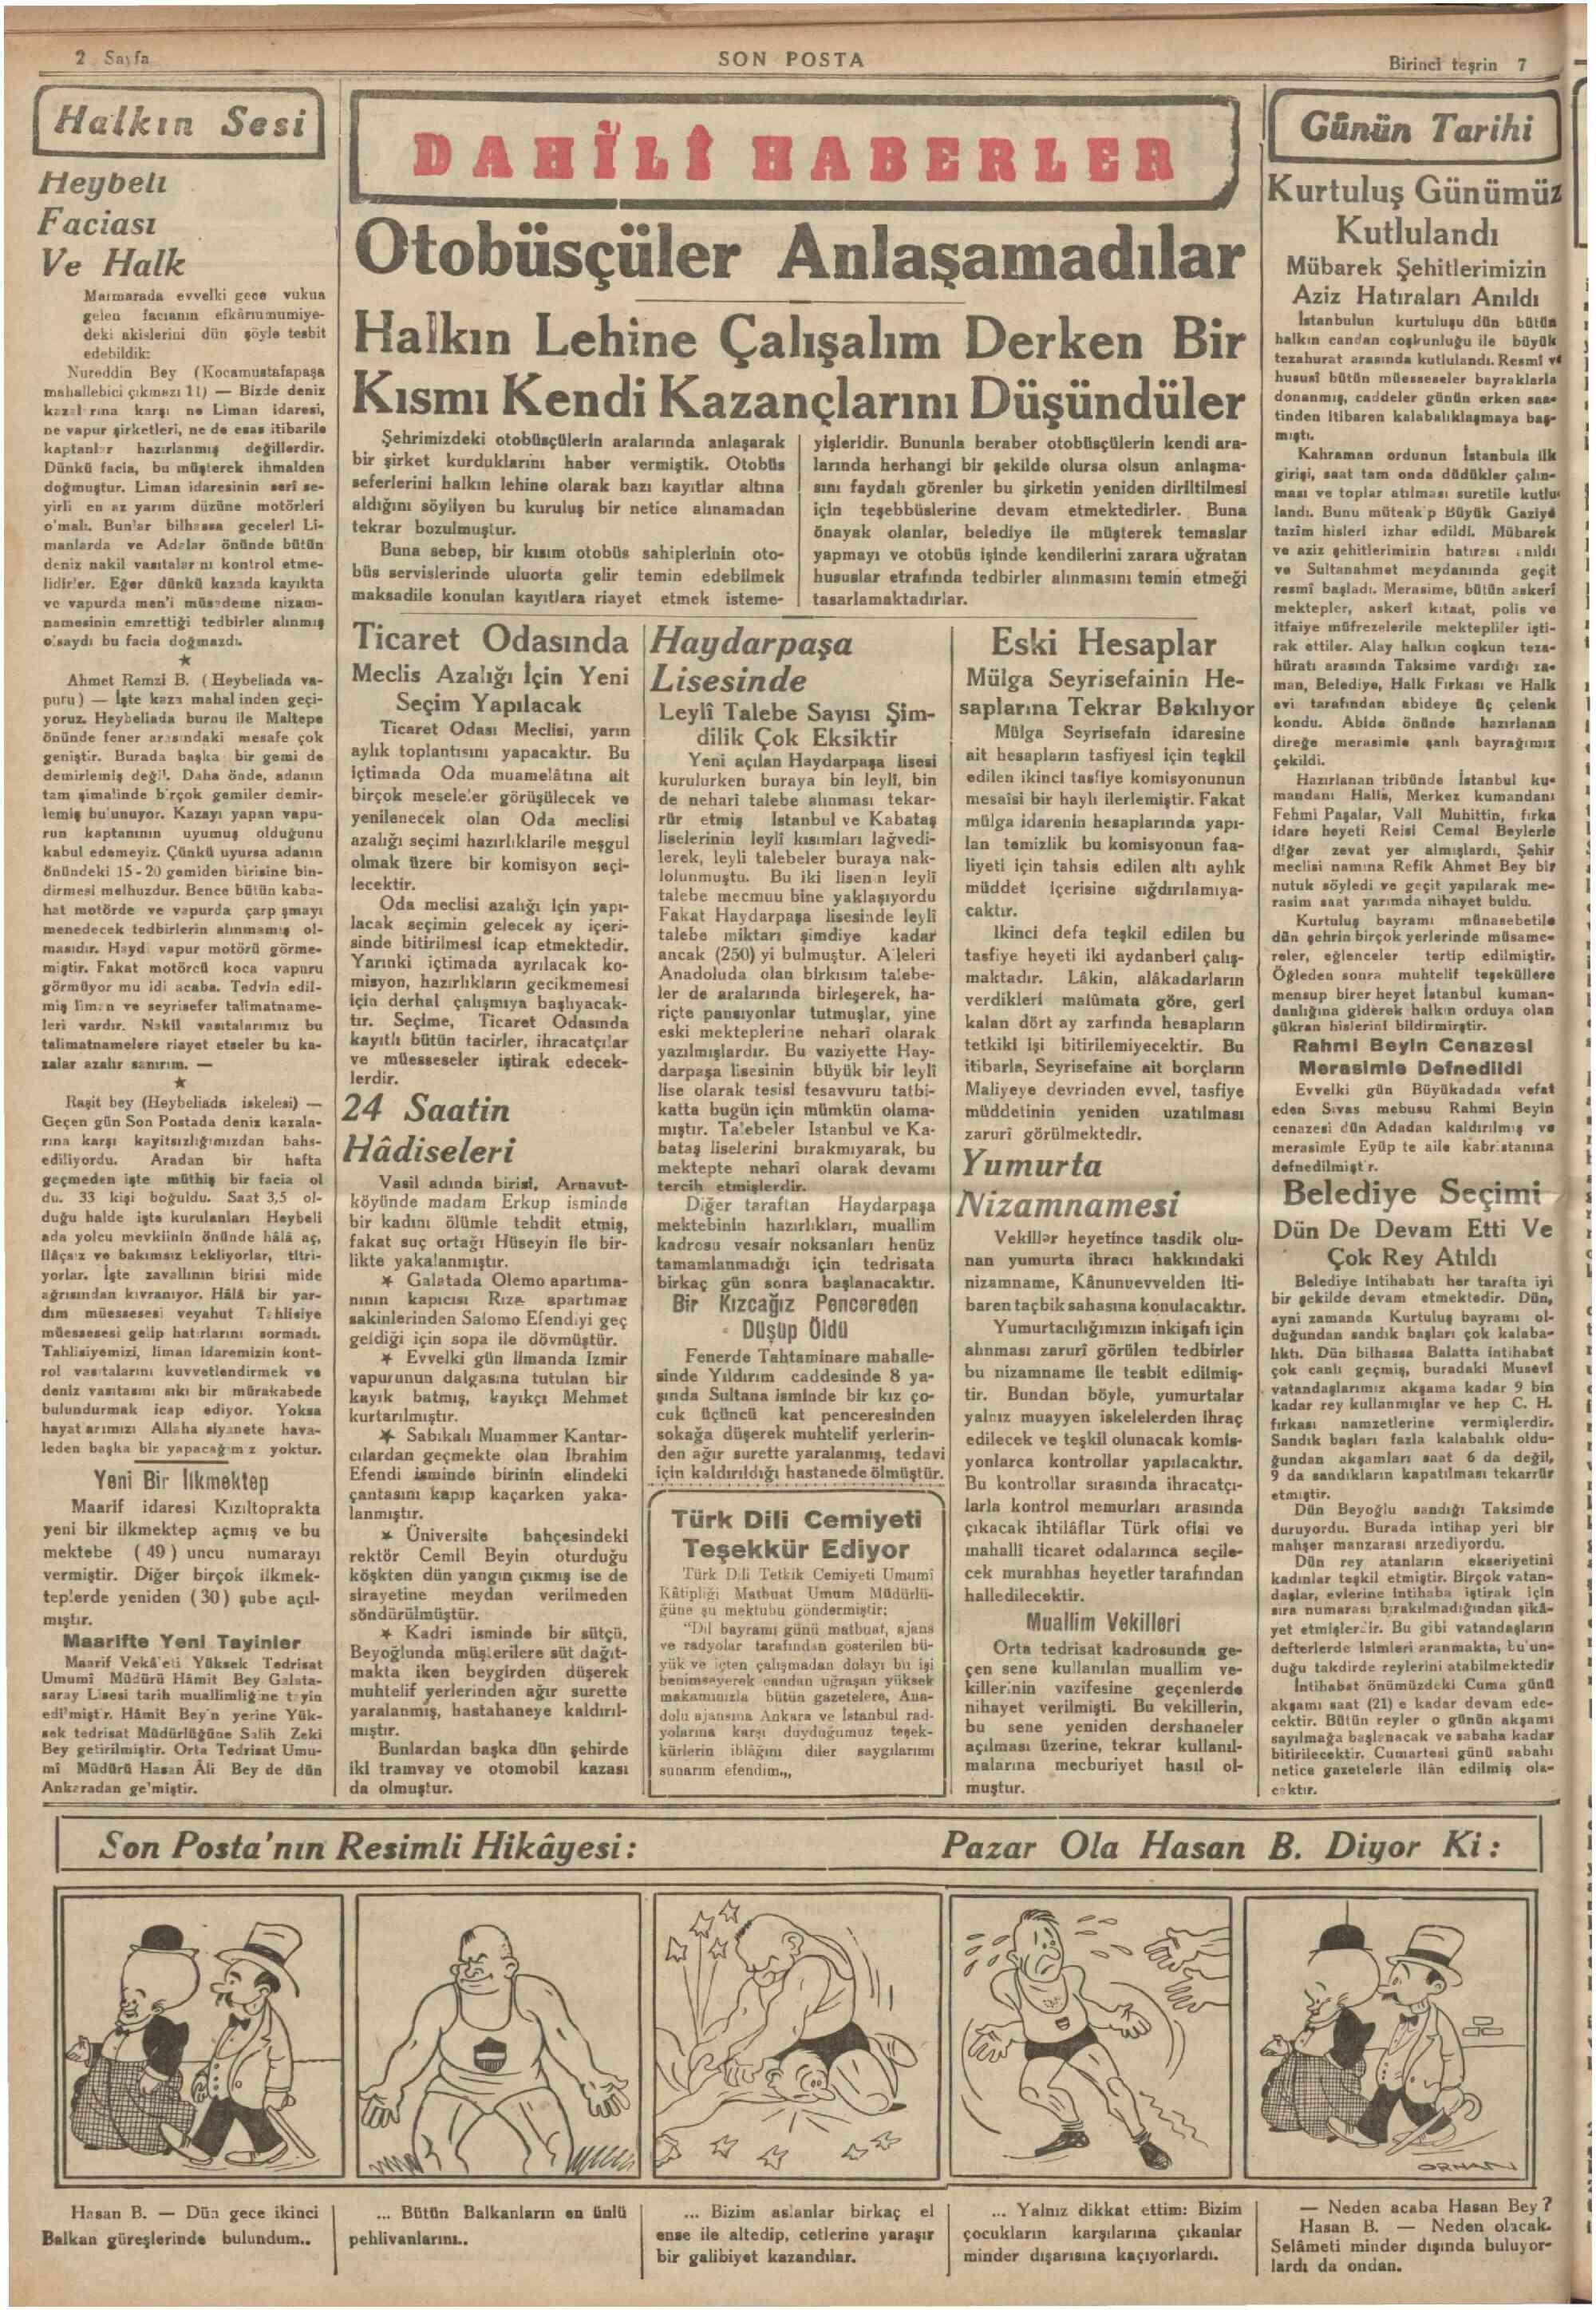 7 Ekim 1934 Tarihli Son Posta Gazetesi Sayfa 2